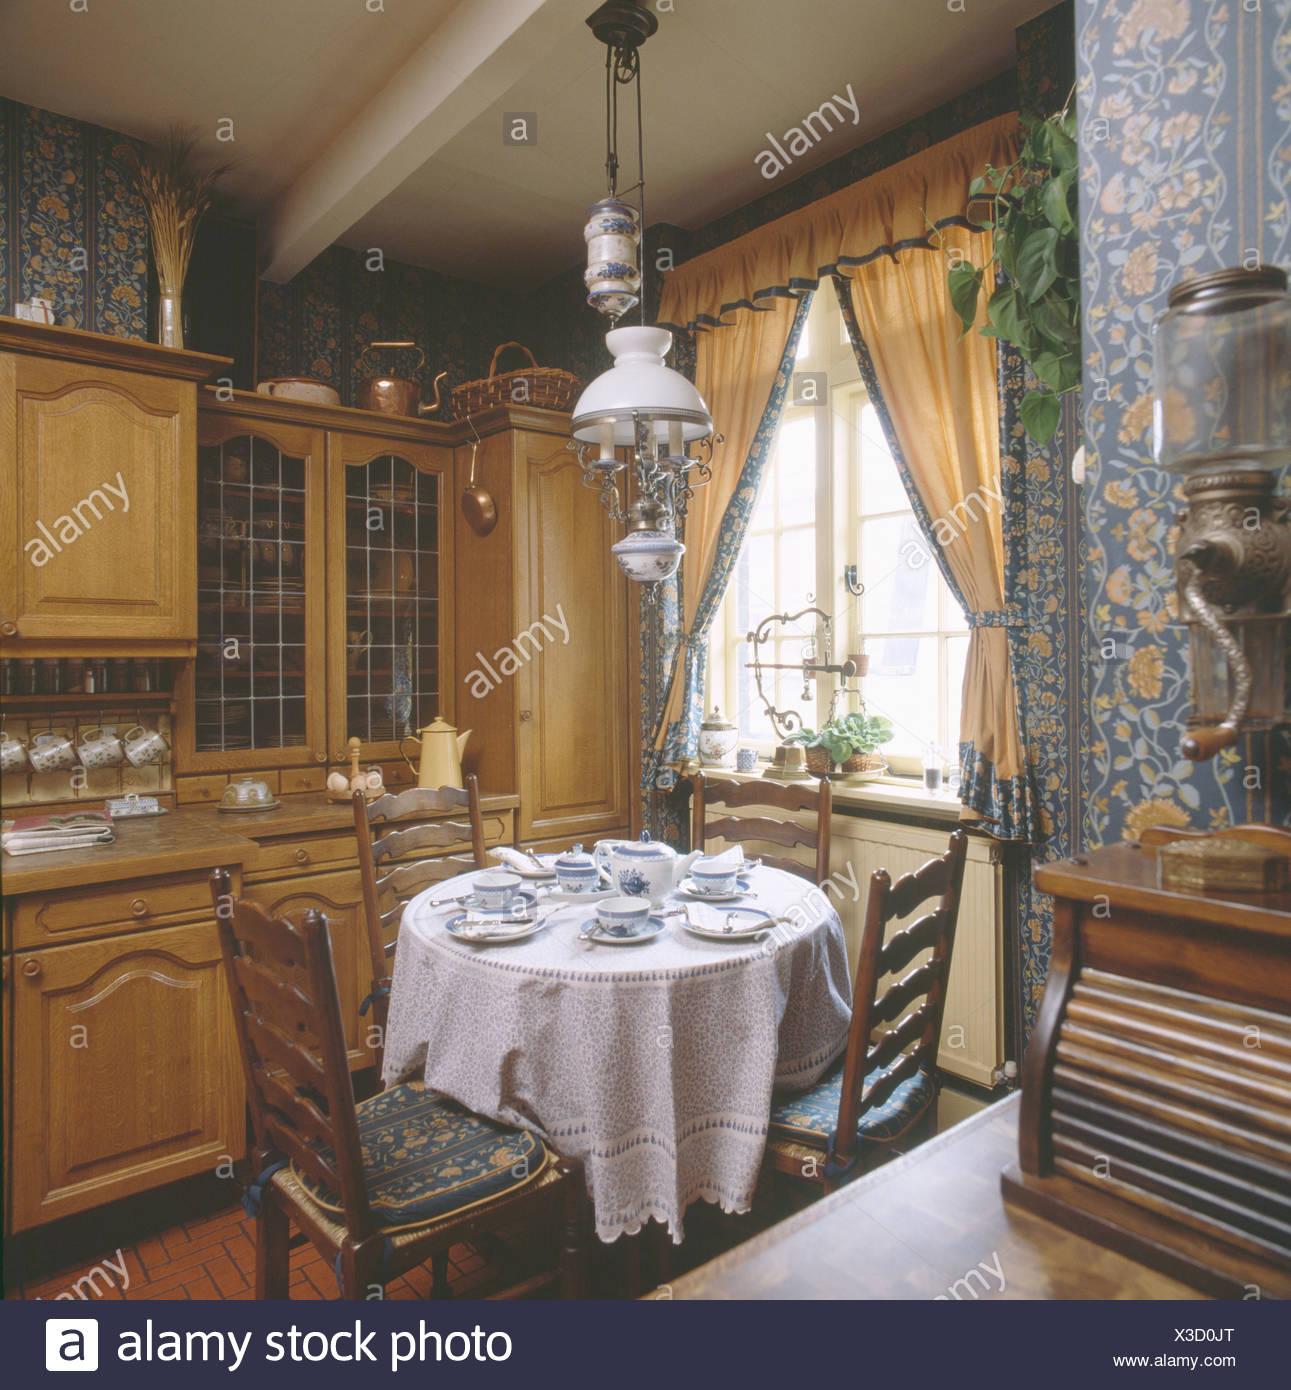 Weisse Spitze Tuch Am Runden Tisch Im Speisesaal Der Traditionellen